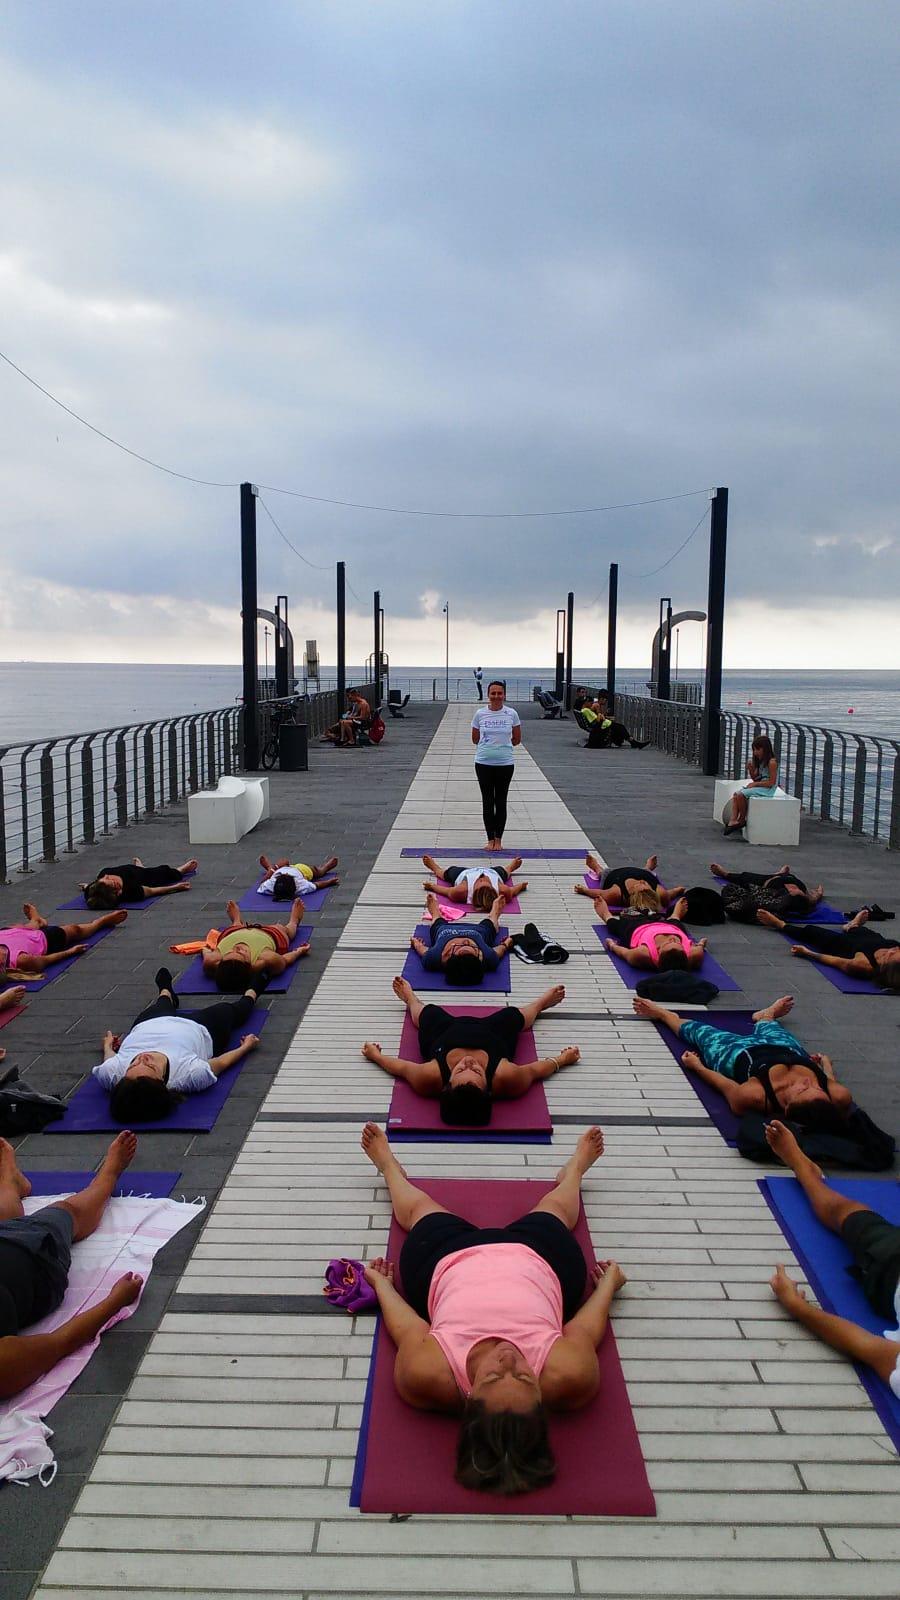 1_essere-free-yoga-gratuito-benessere-per-tutti-village-citta-alassio-estate-lucia-ragazzi-summer-town-wellness-089